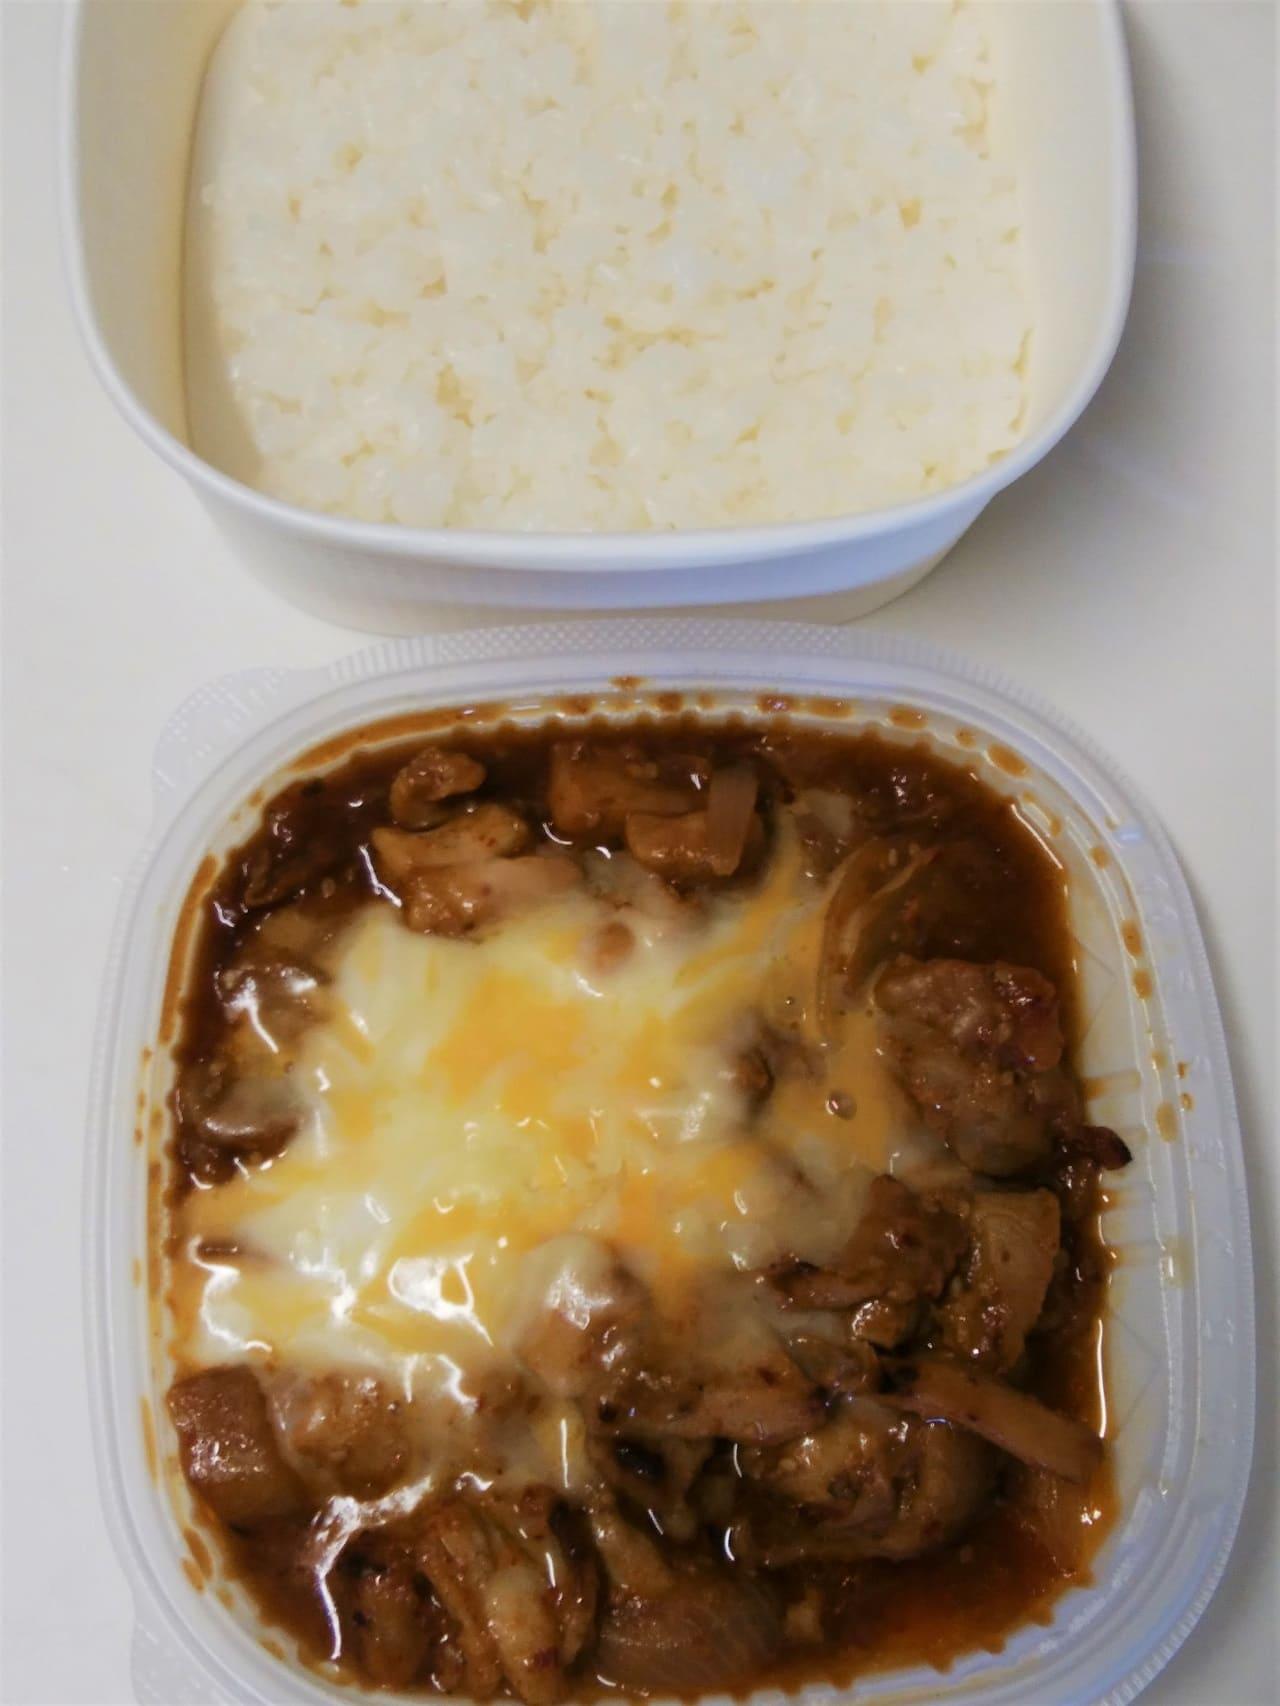 タッカルビと白飯